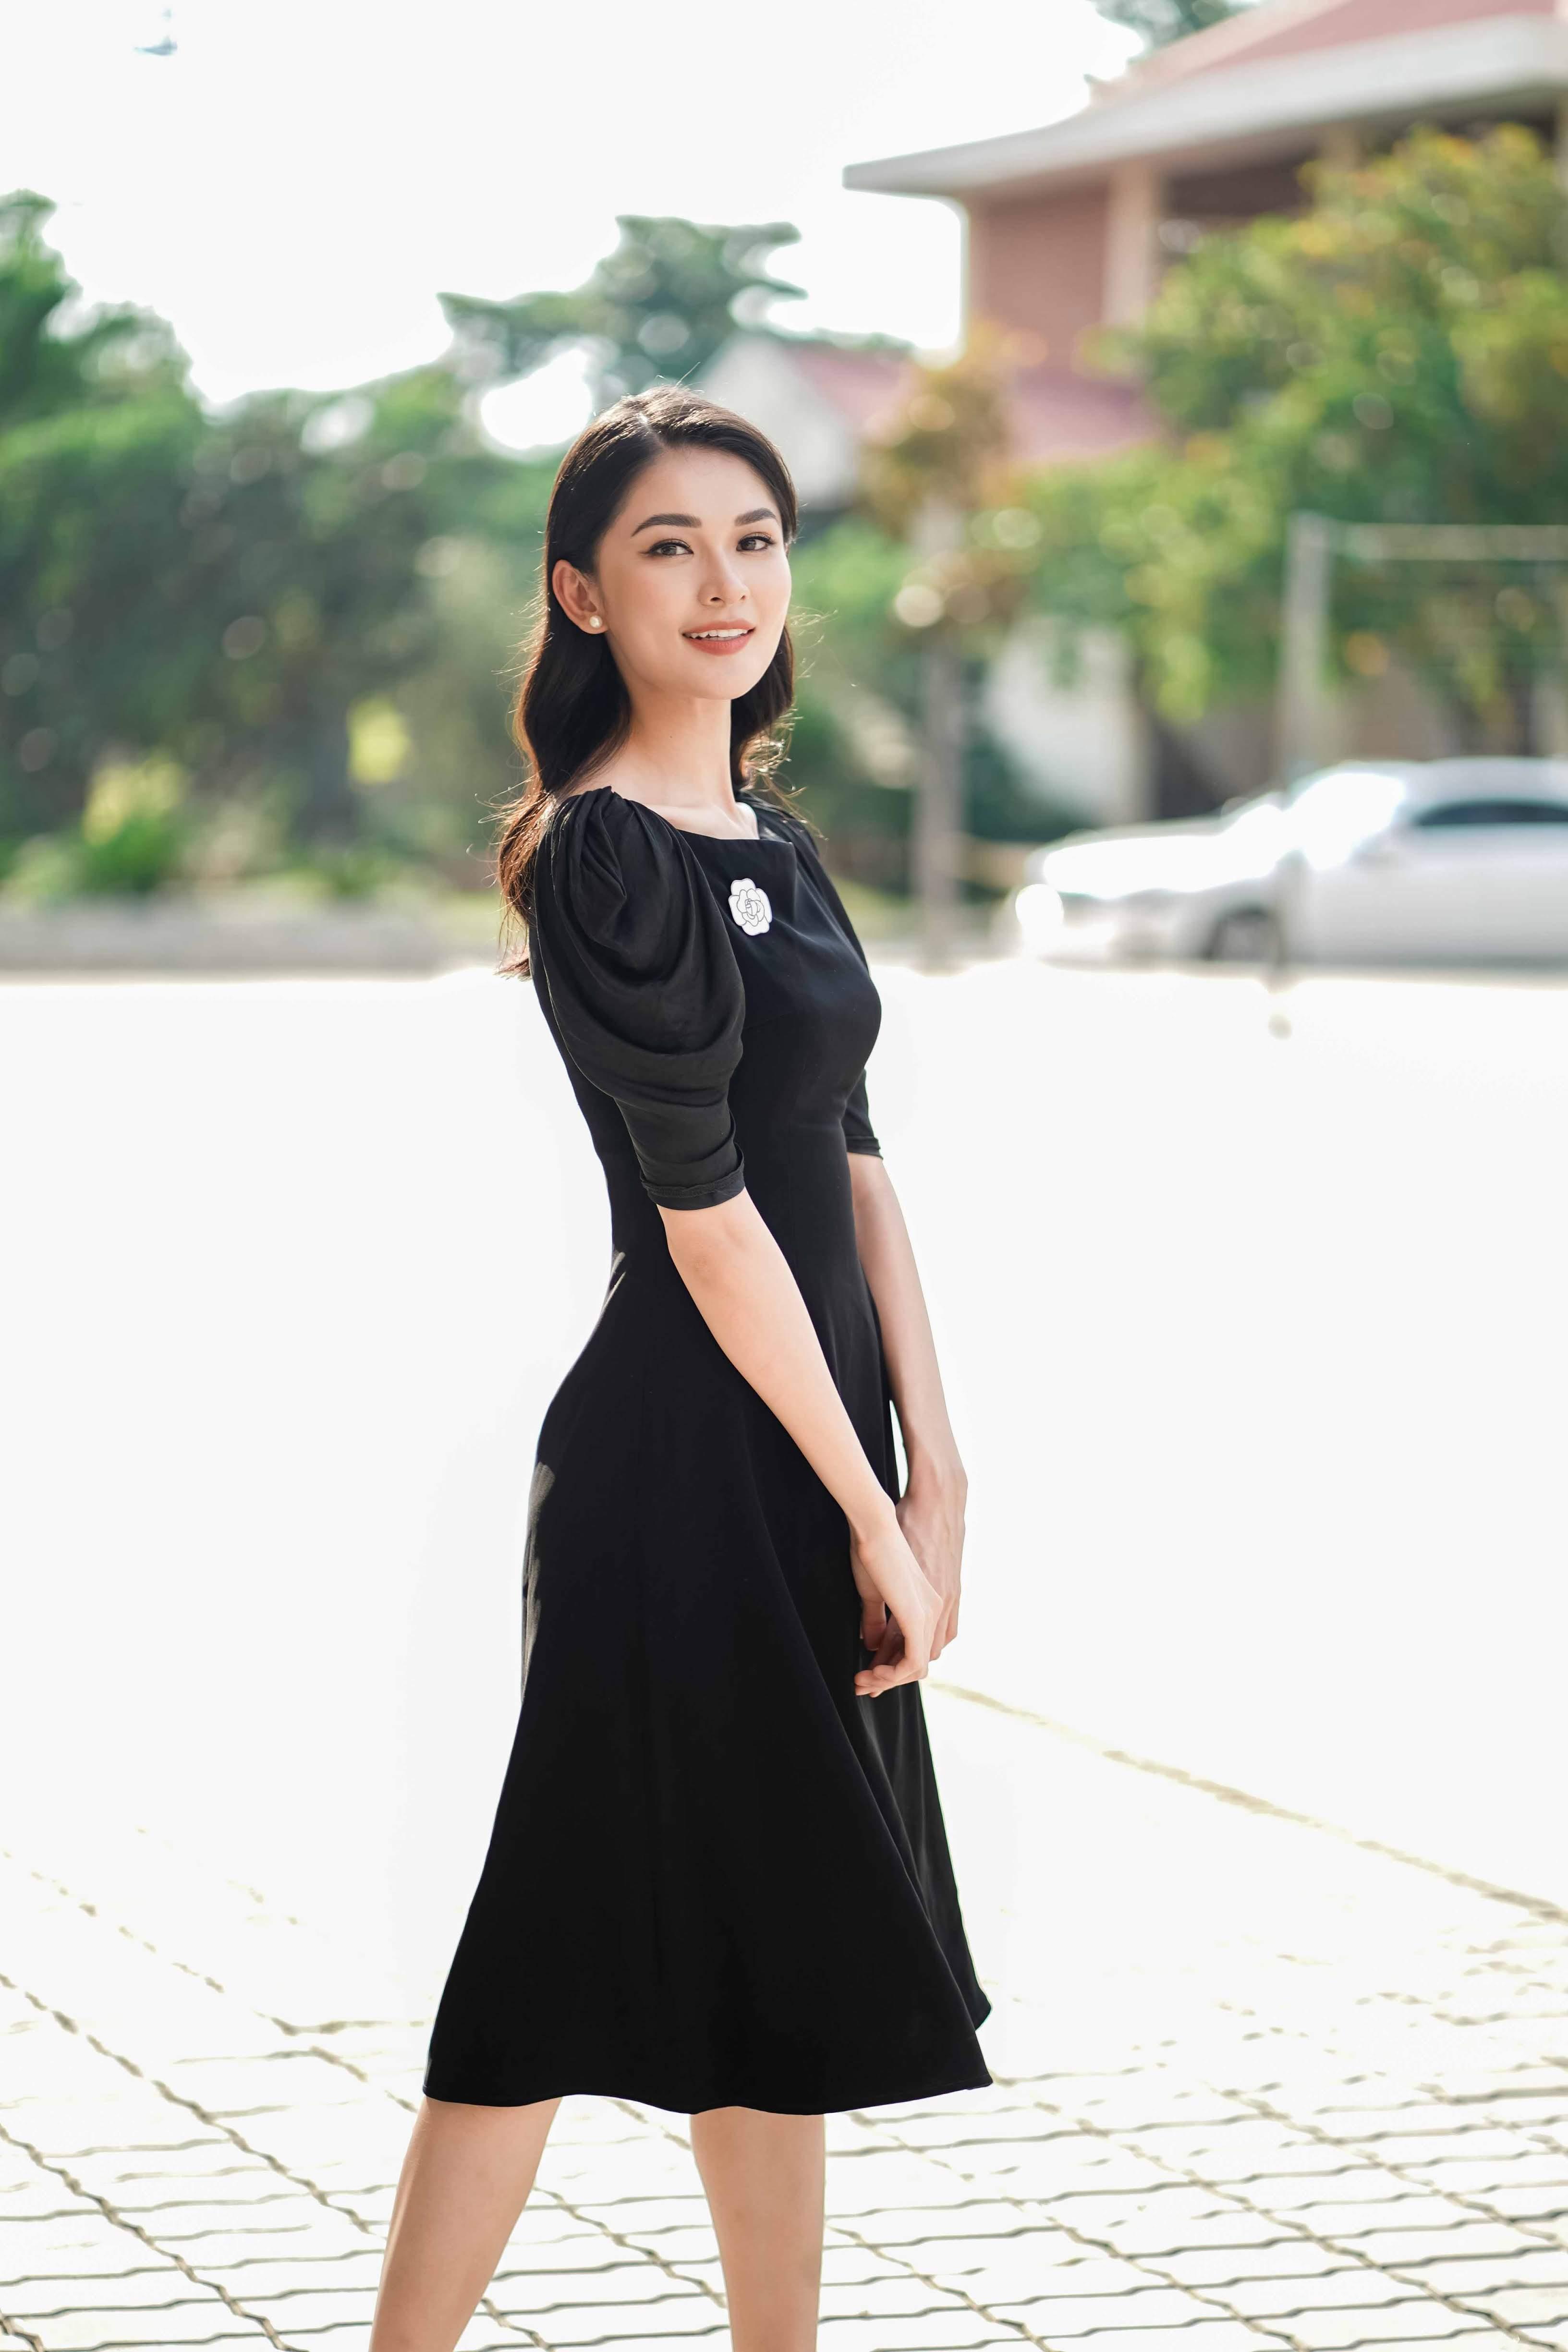 Siêu mẫu Vũ Cẩm Nhung được xế sang của vua cafe Đặng Lê Nguyên Vũ đưa đón đi sự kiện 2